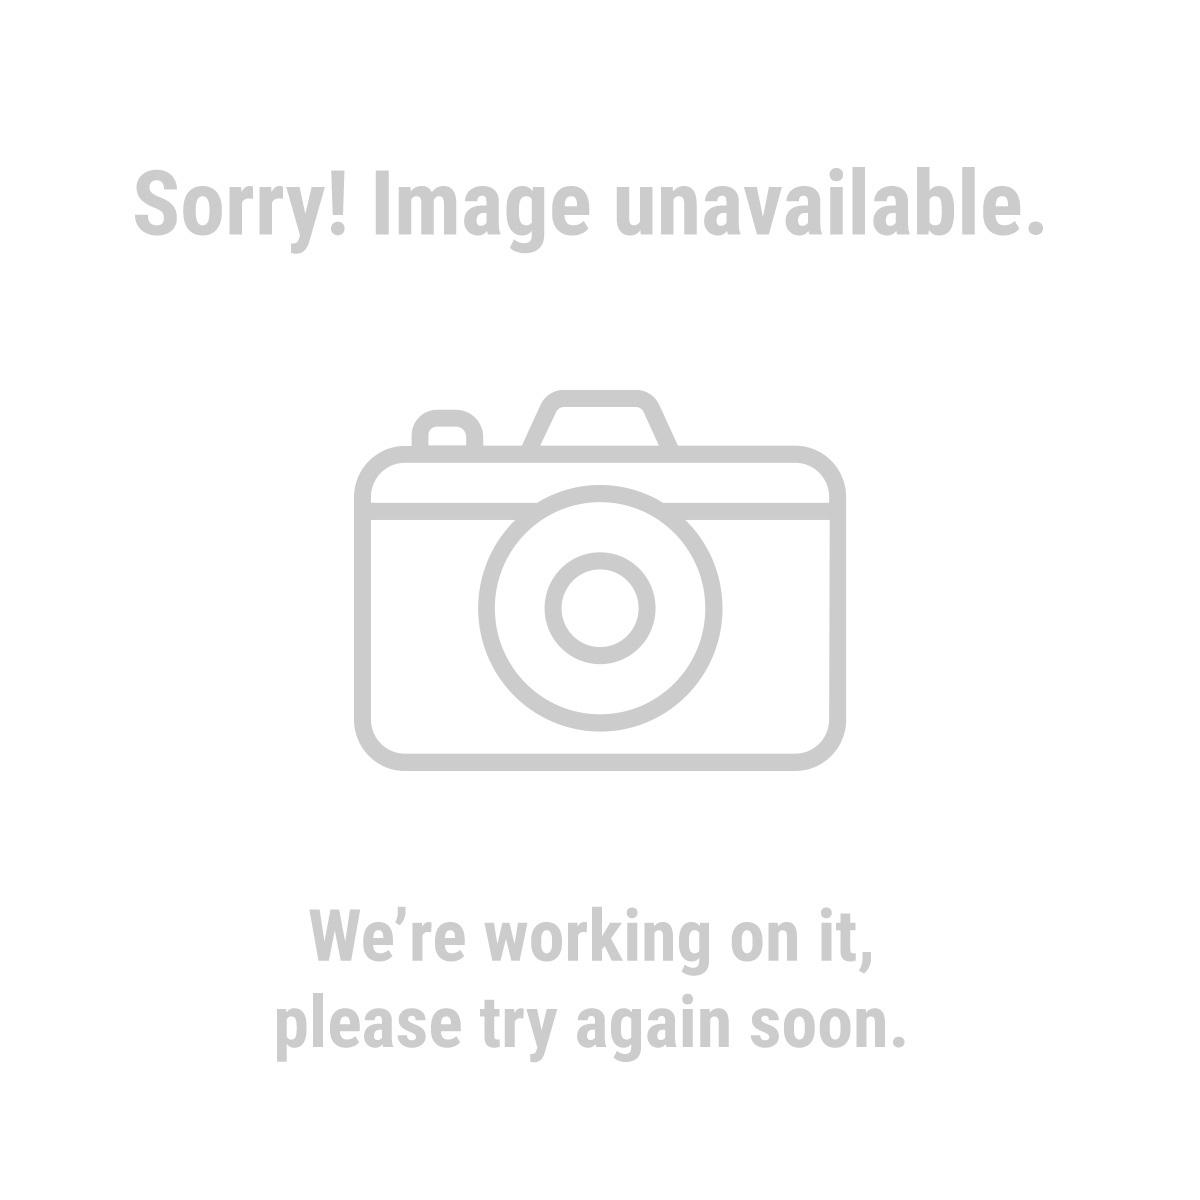 Haul-Master® 62418 72 in. x 80 in. Moving Blanket